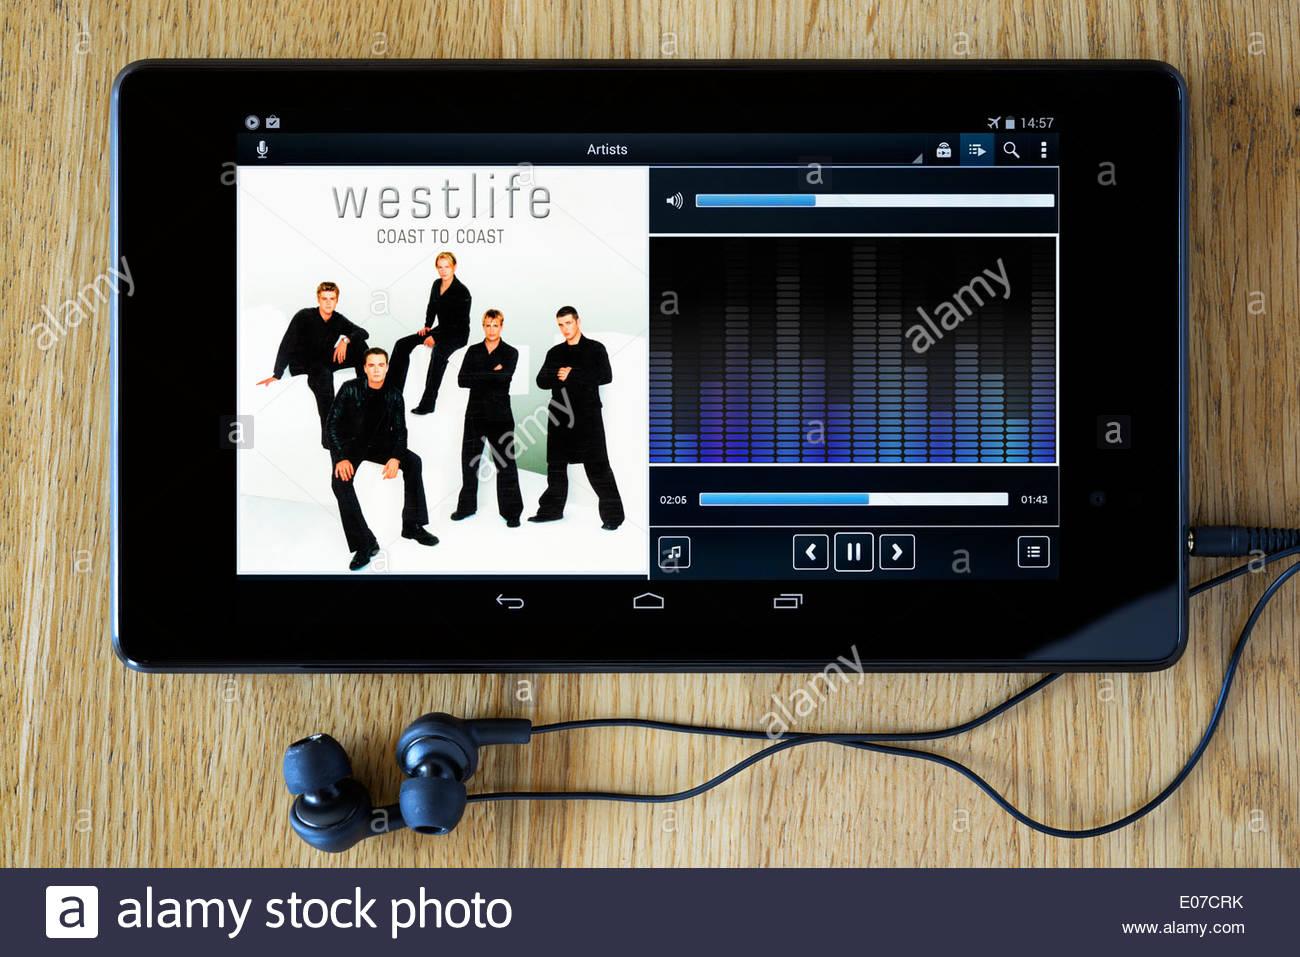 Free download mp3 full album 2000 westlife coast to coast part 1.